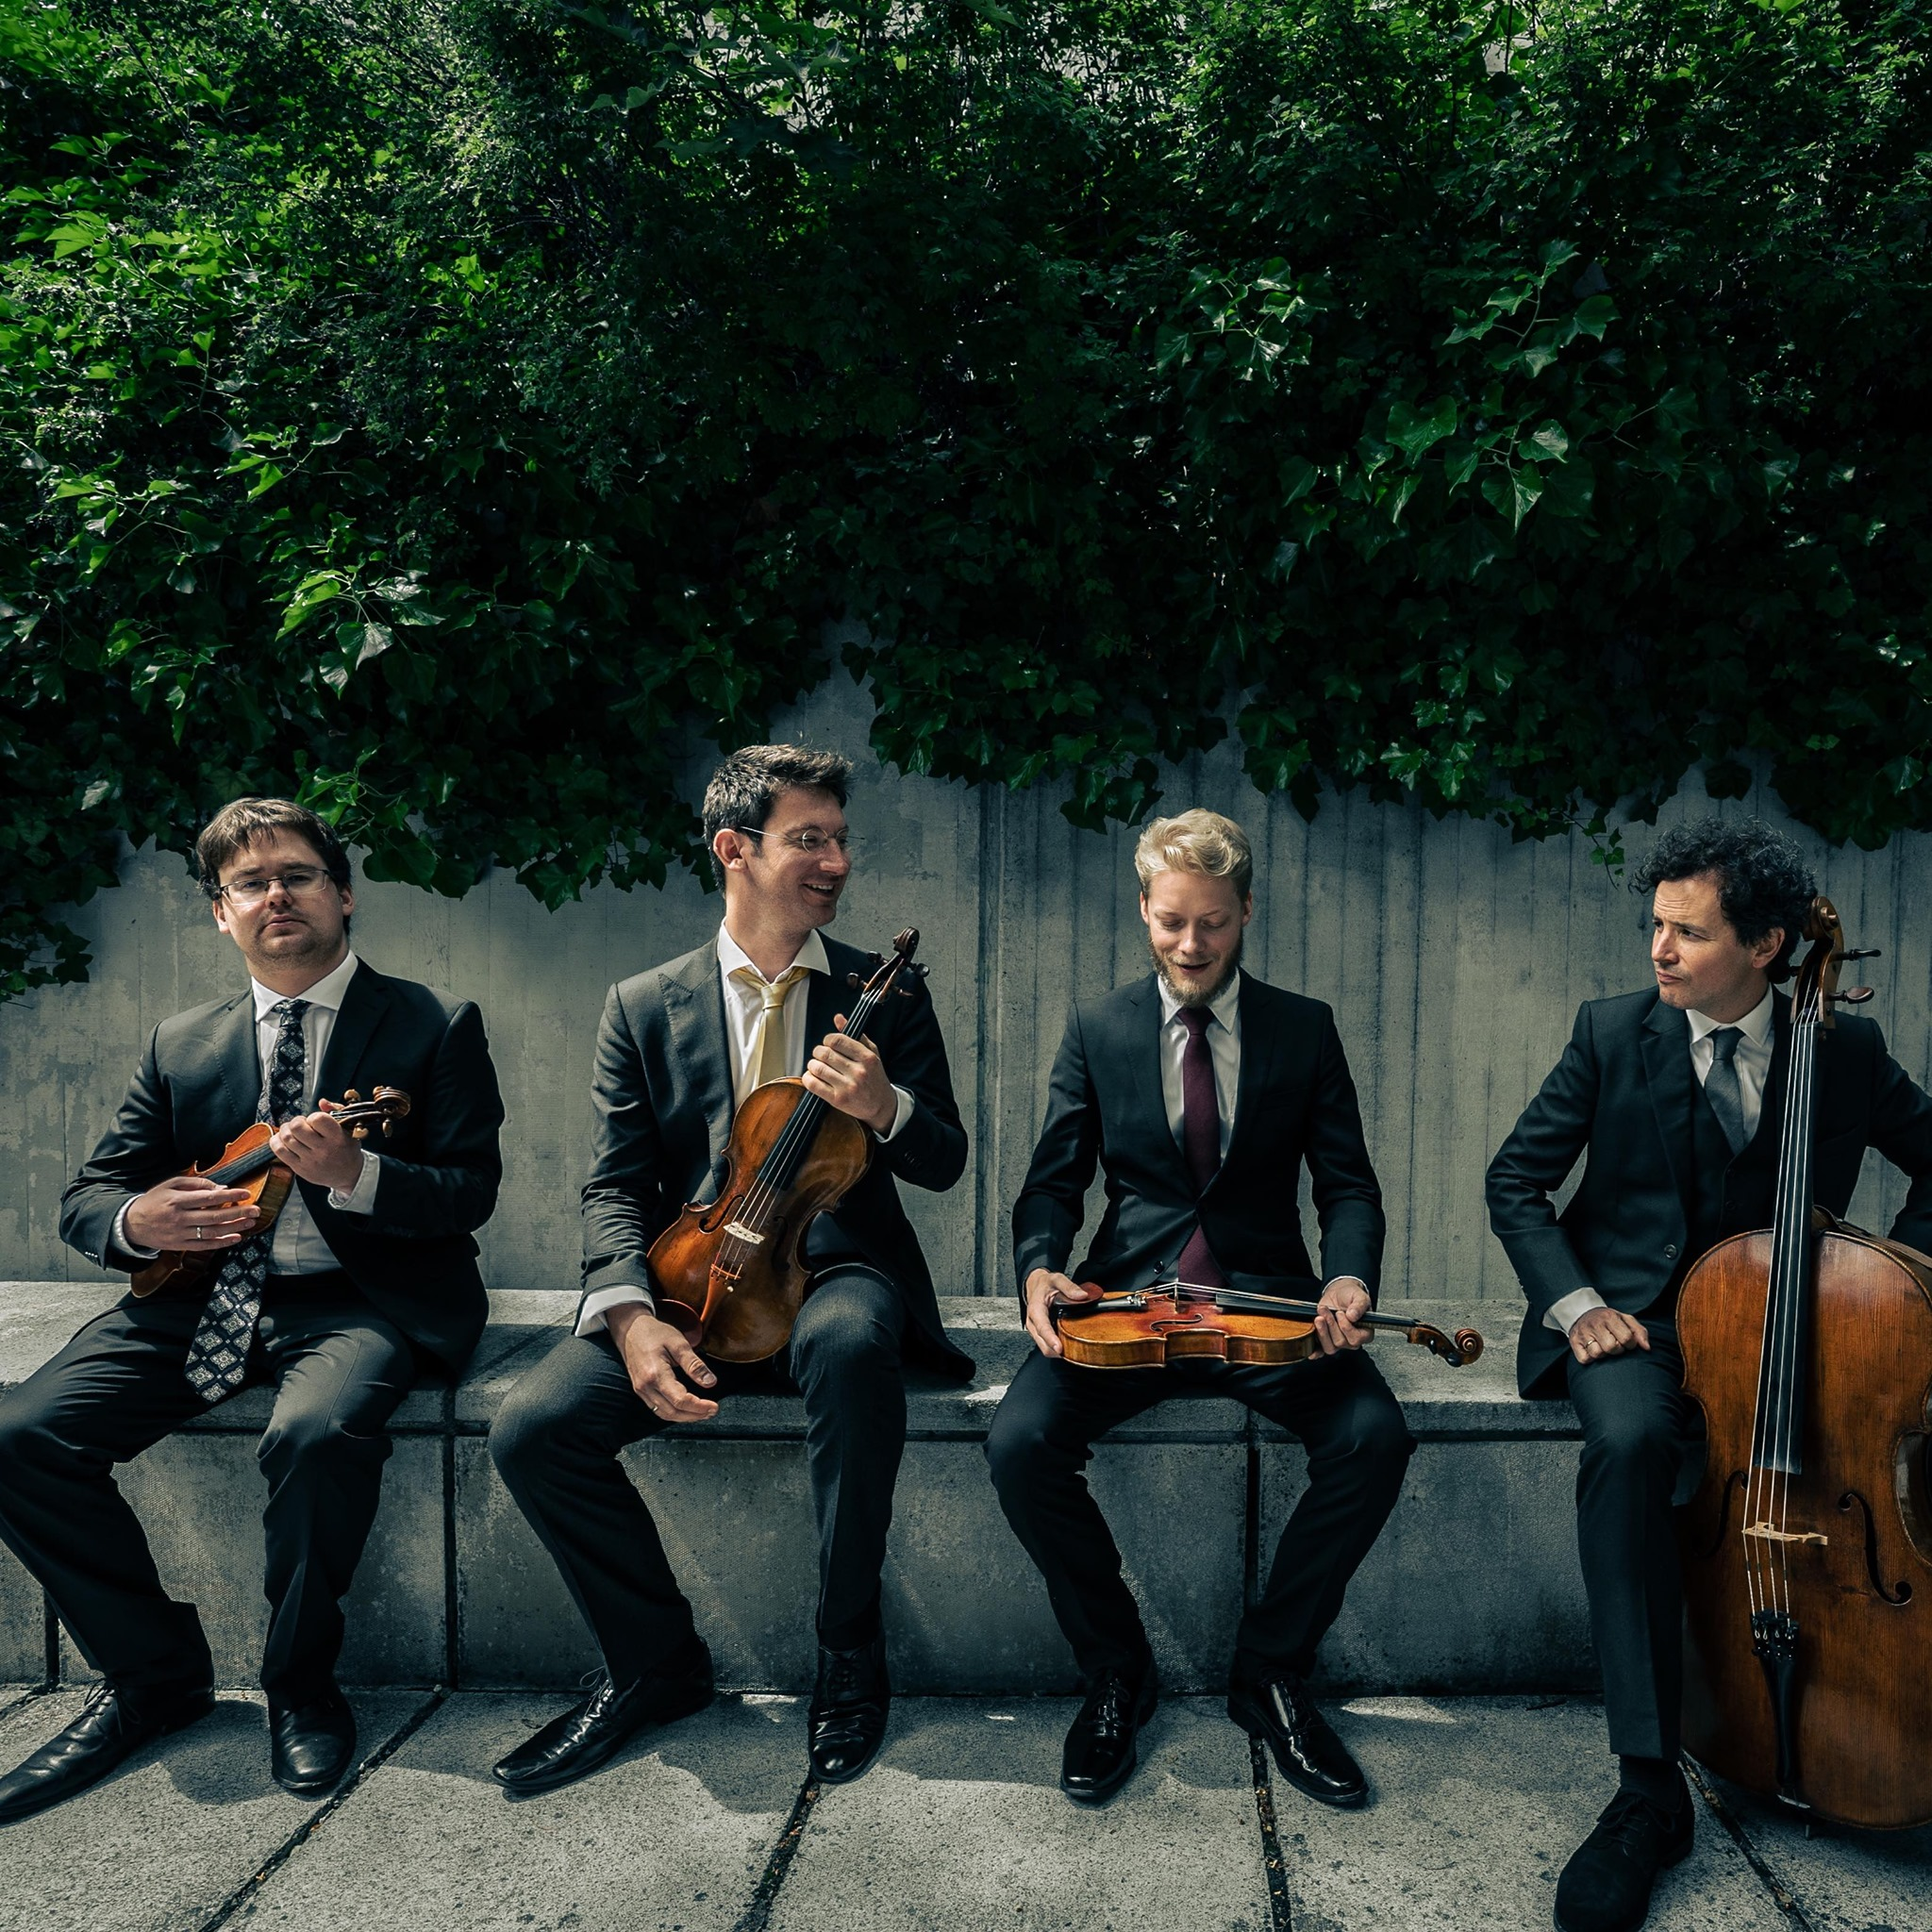 String quartet sheds its violinists